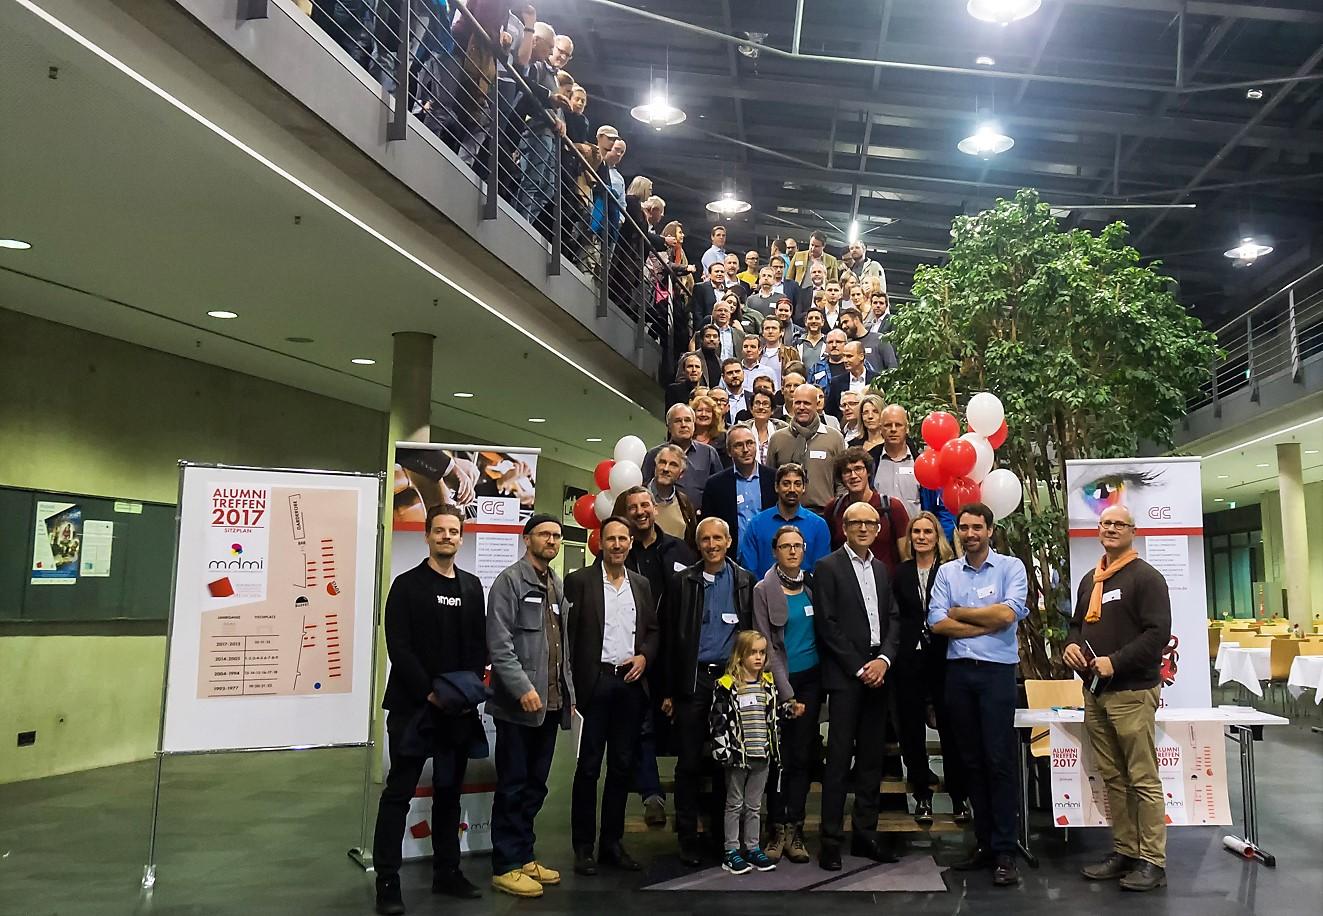 """MDMI_Alumni_Treffen_Foto Gelebtes Netzwerk! Über 250 """"Ehemalige"""" des Studiengangs Druck- und Medientechnik beim Alumini-Treffen an der Hochschule"""